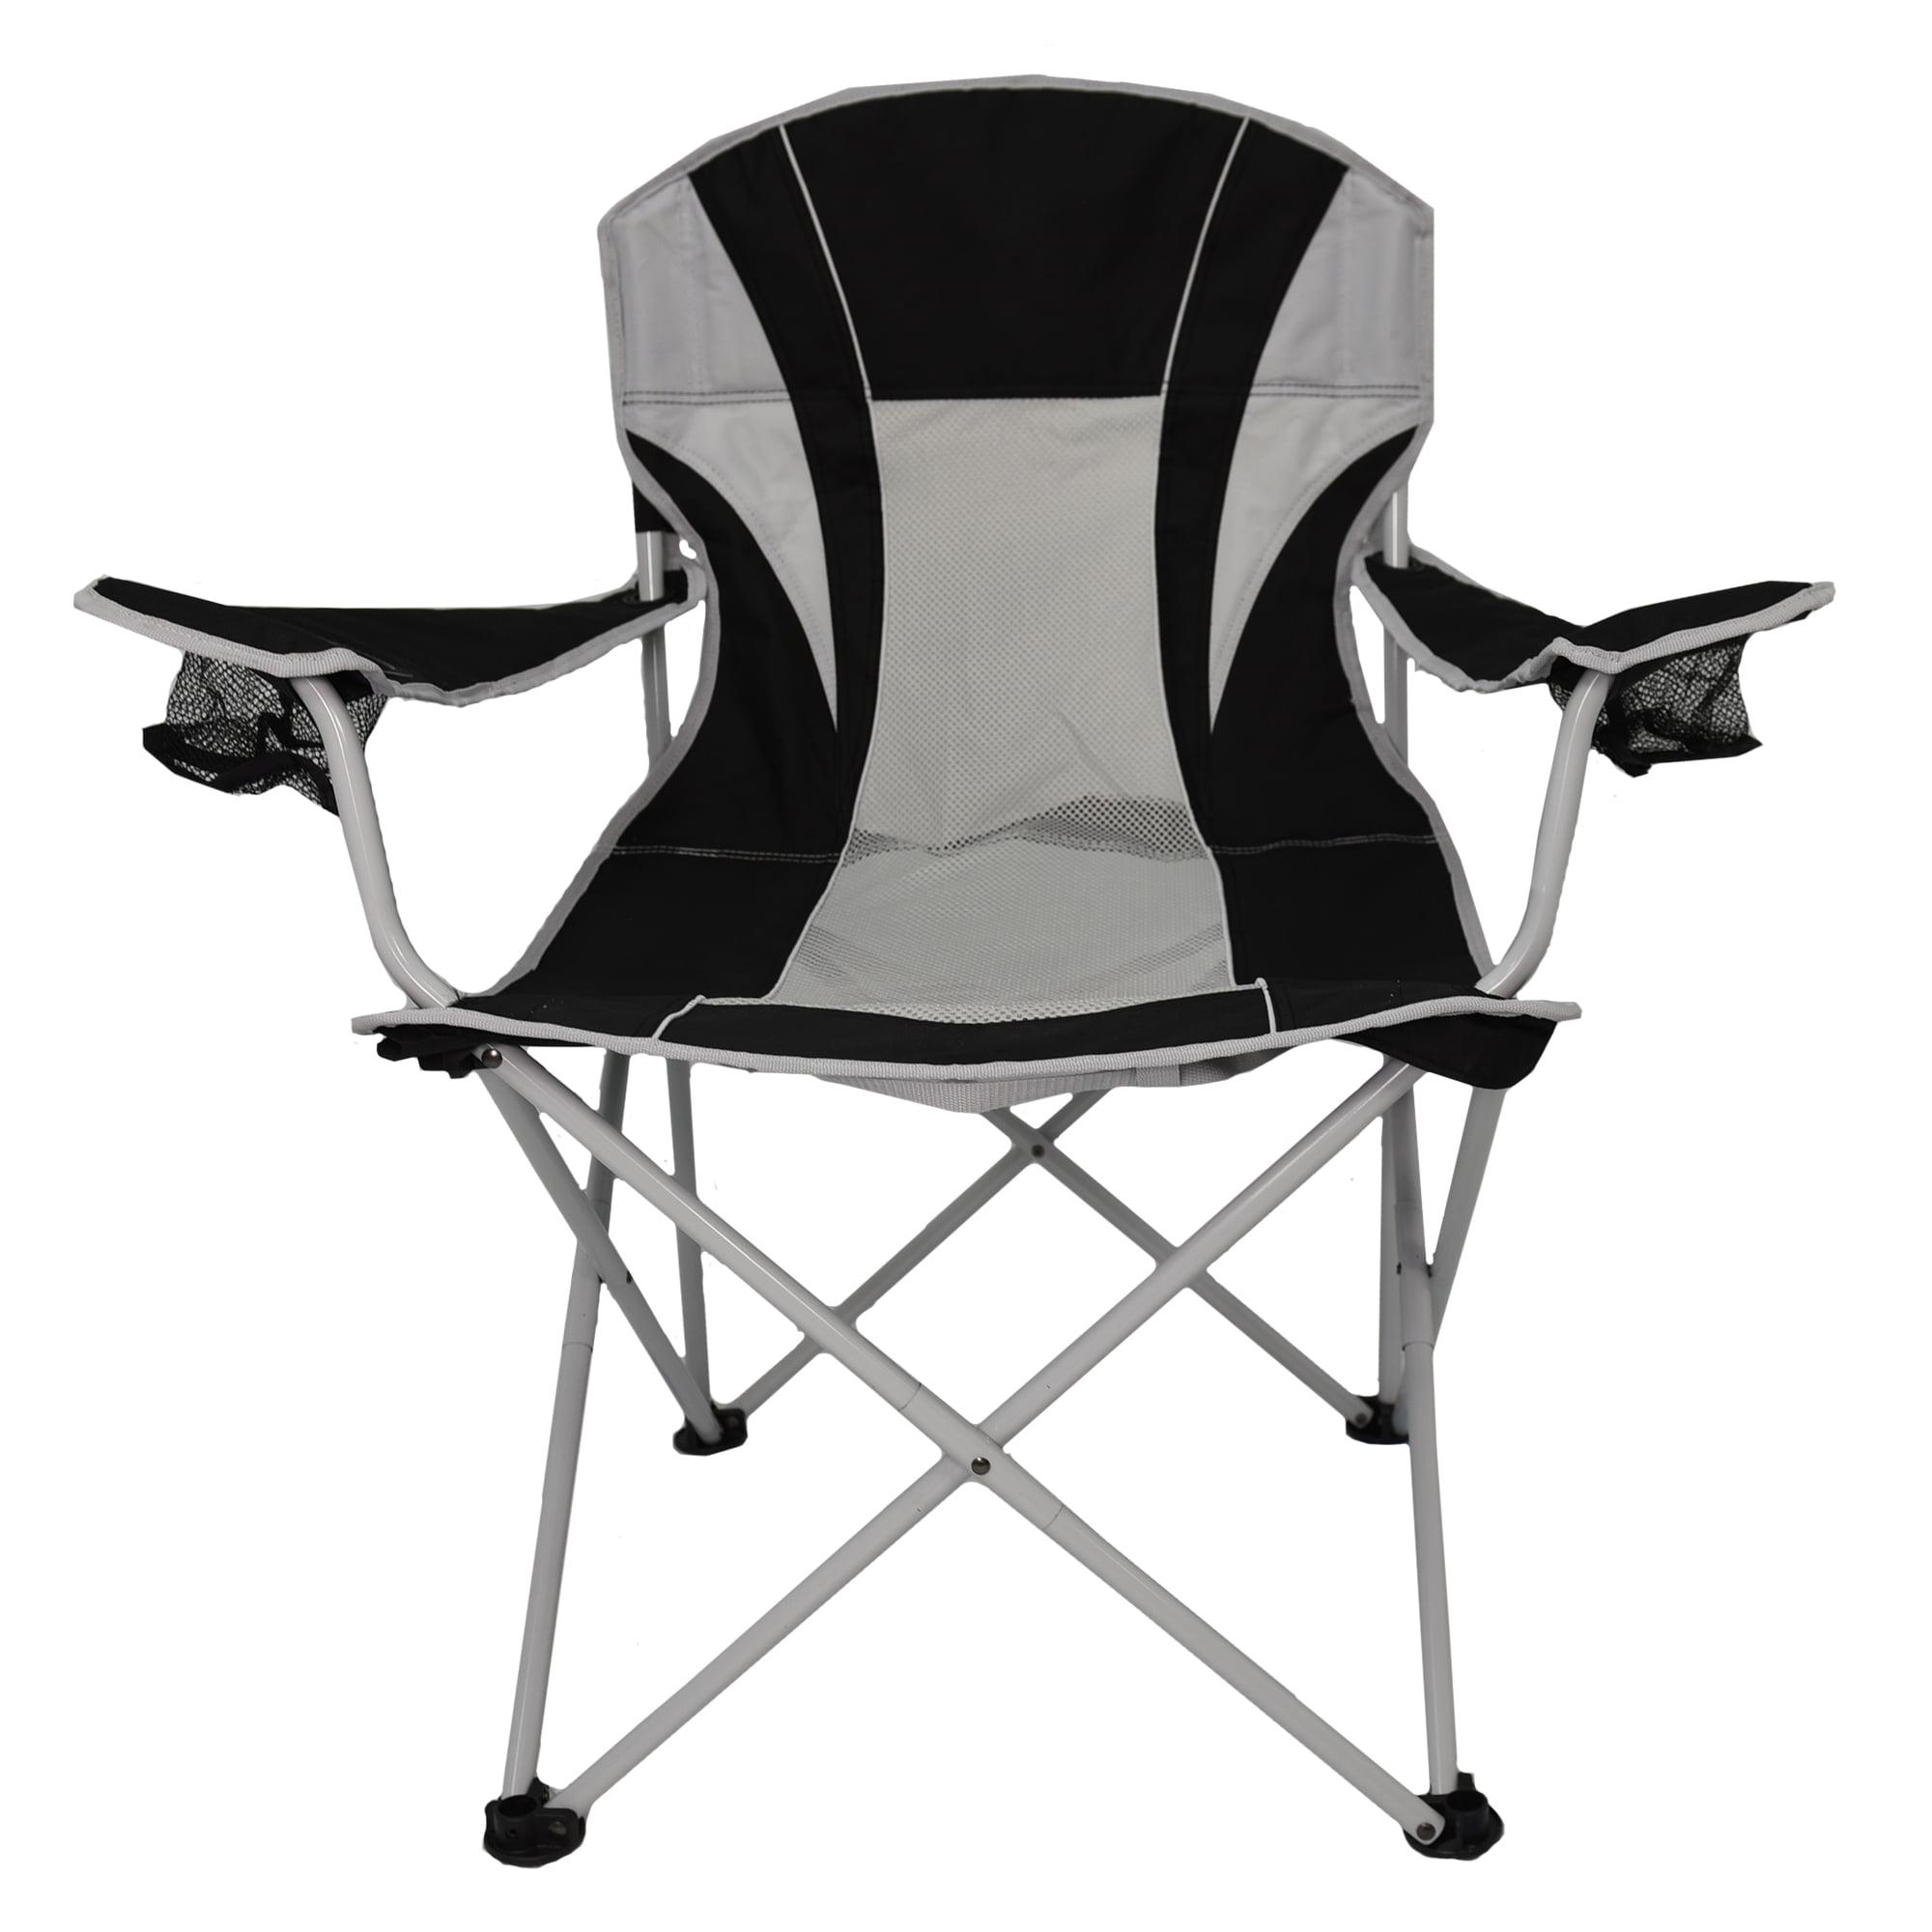 Ozark Trail Ot Oversize Mesh Chair -black/platinum